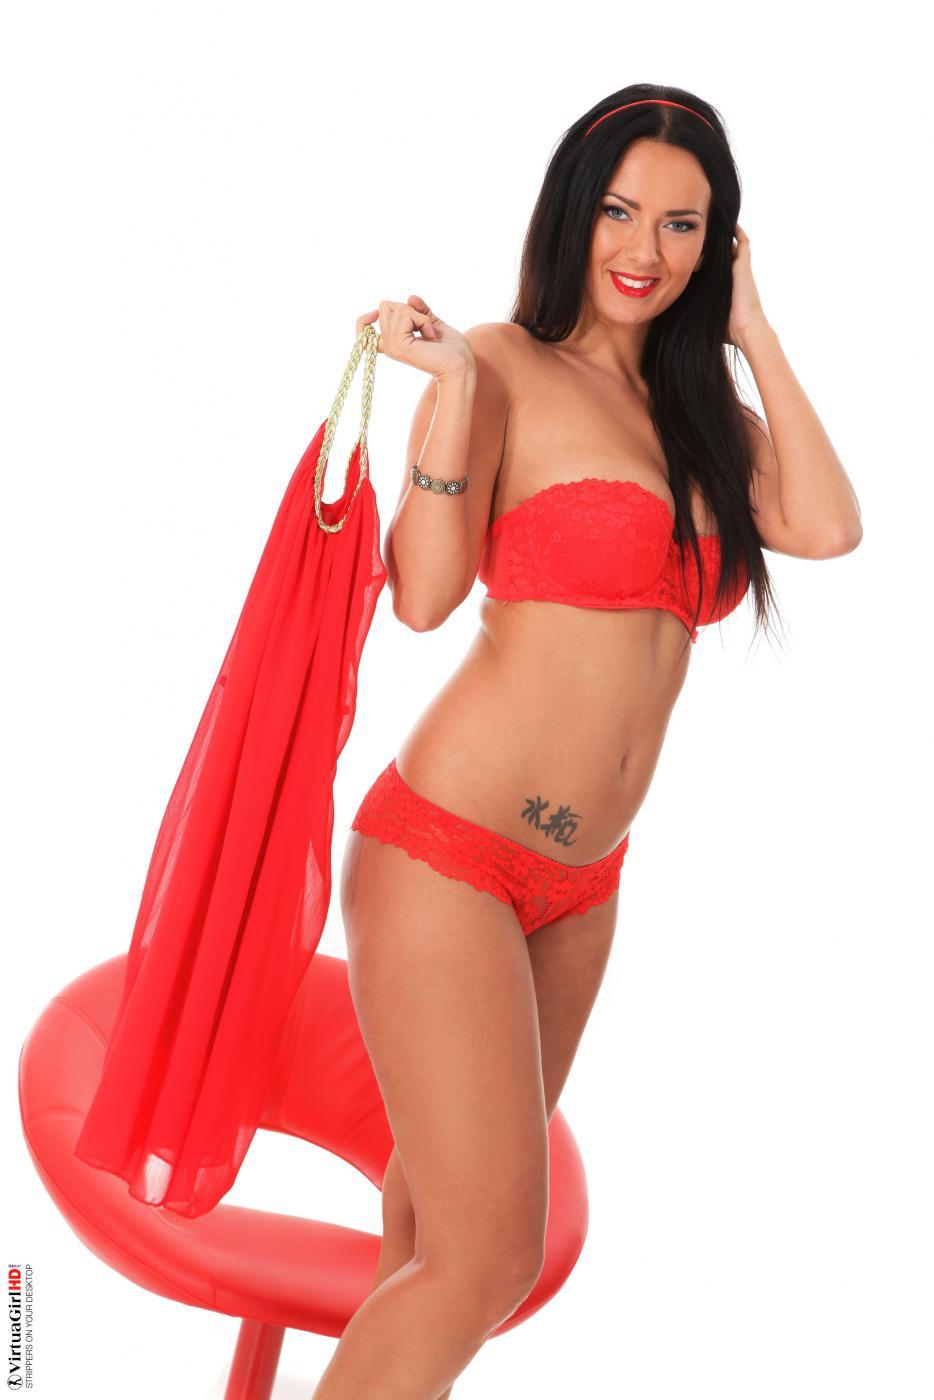 Это красное облегающее платье смотрится просто шикарно на этой шатенкой горячей супермодели - Lynette Virtuagirl